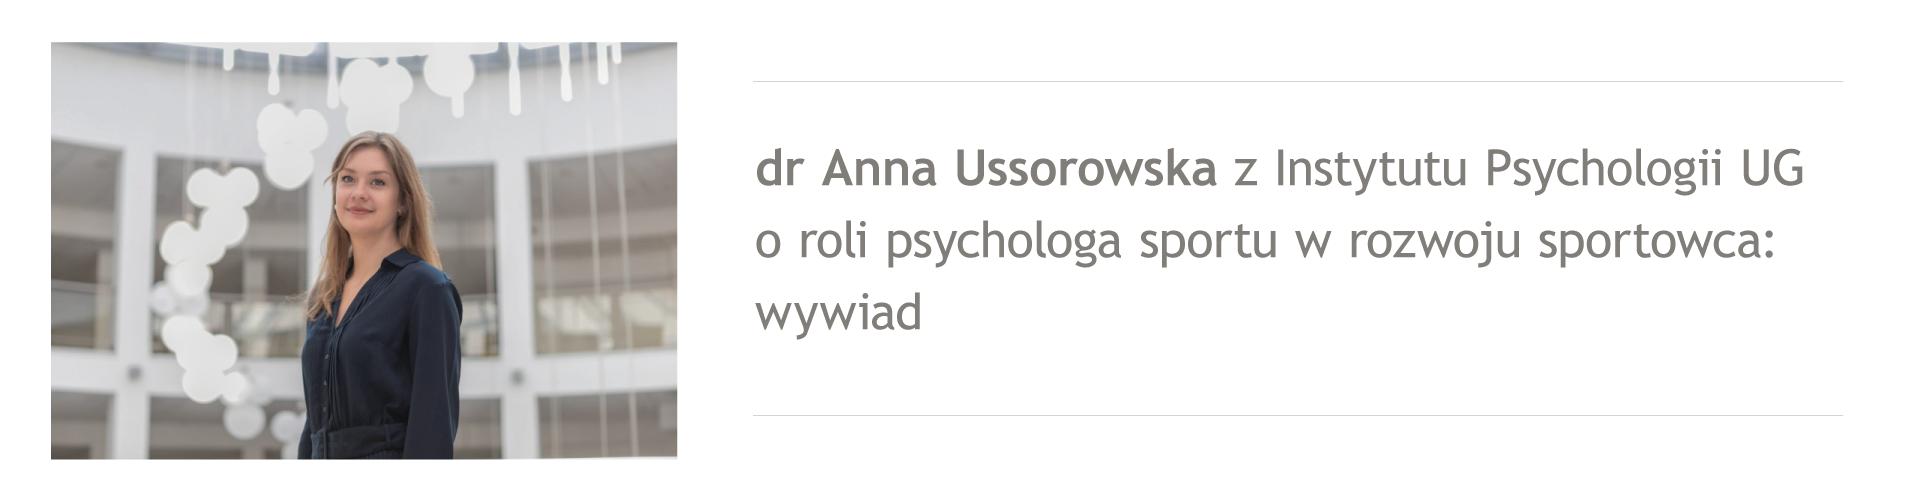 Dr Anna Ussorowska, wybitny psycholog sportu z UG: Celem mojej pracy jest wszechstronny rozwój sportowca